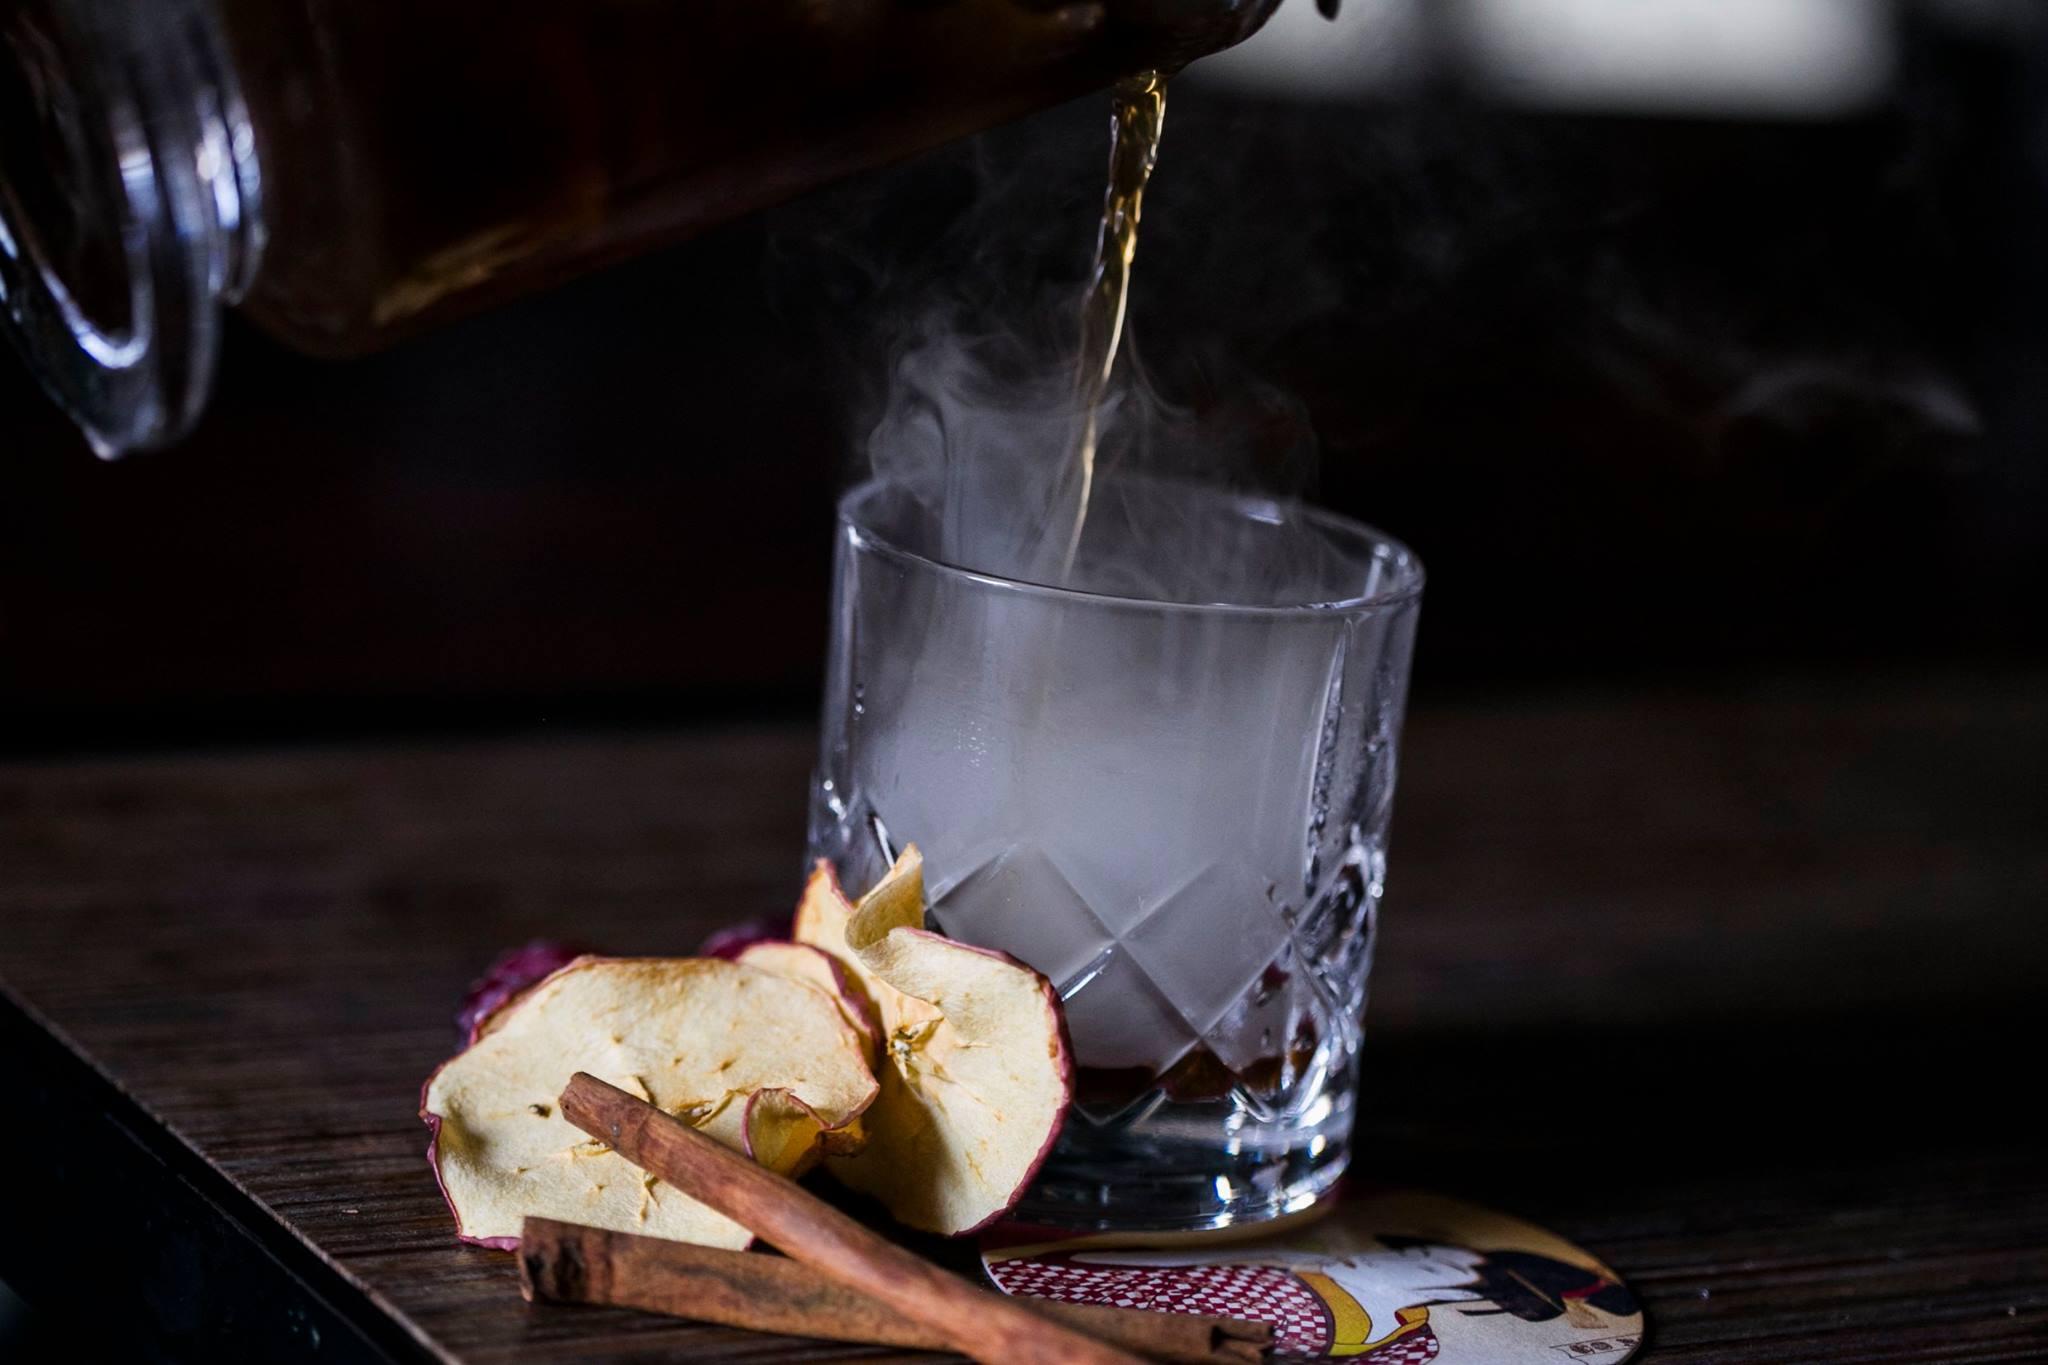 〈好食〉麗思酒廊締造超凡醇美酒吧x雞尾酒體驗